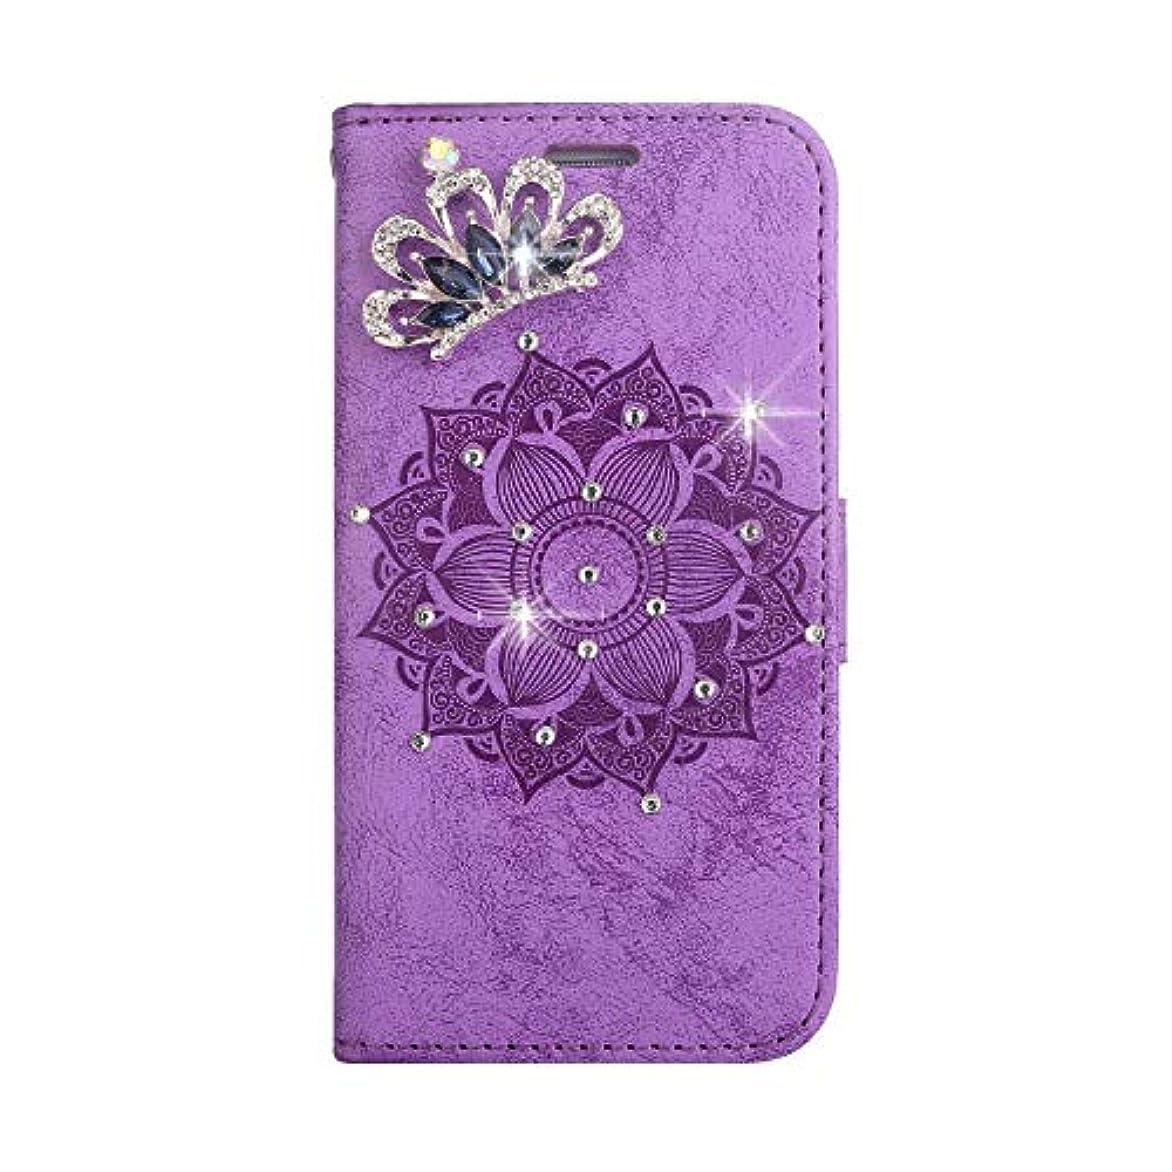 飢饉足葡萄OMATENTI Galaxy S6 ケース, ファッション人気ダイヤモンドの輝きエンボスパターン PUレザー 落下防止 財布型カバー 付きカードホルダー Galaxy S6 用,紫色